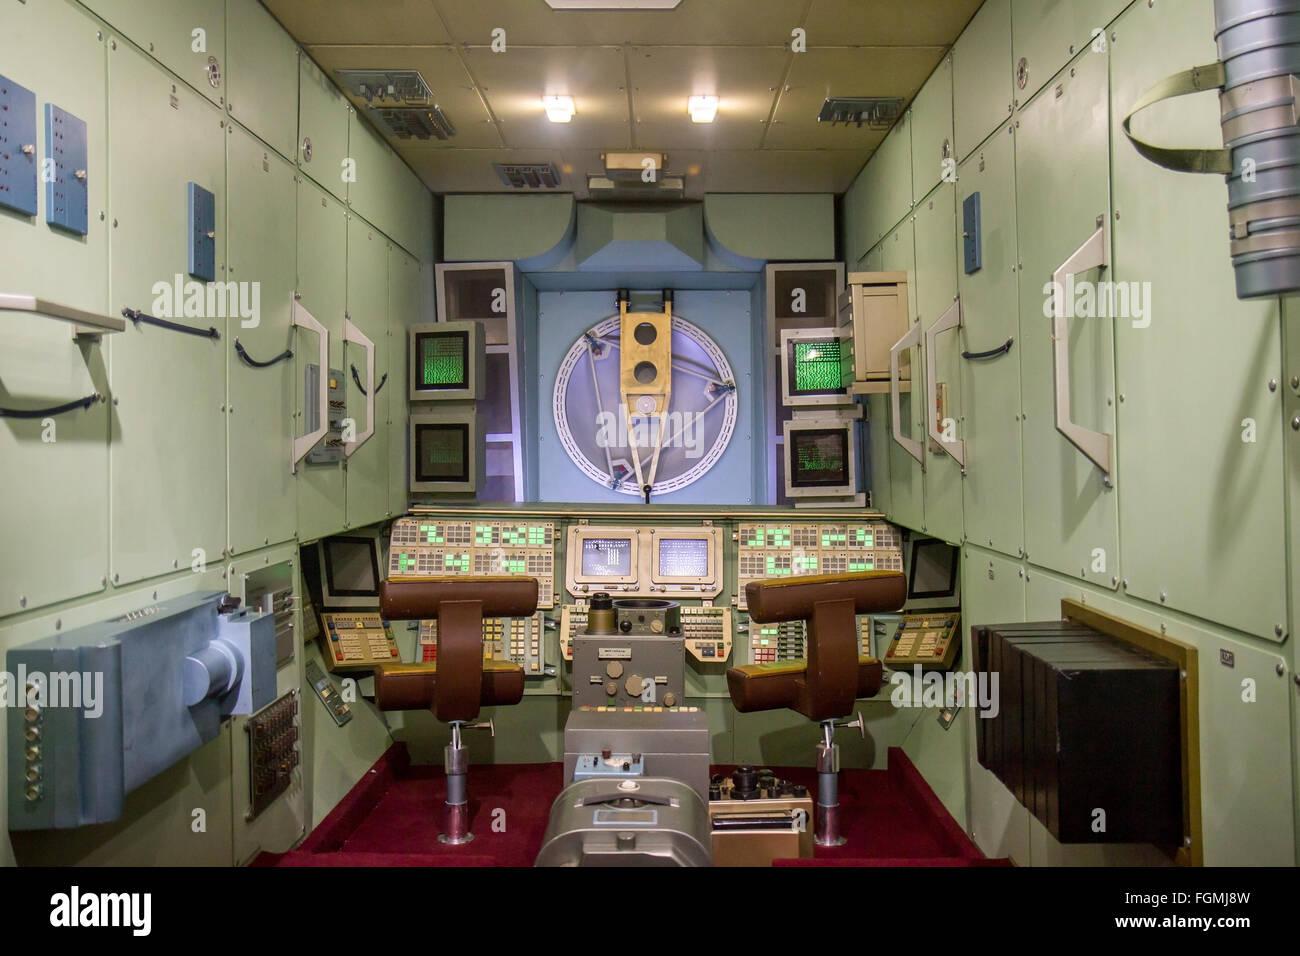 inside the MIR orbital station - Stock Image